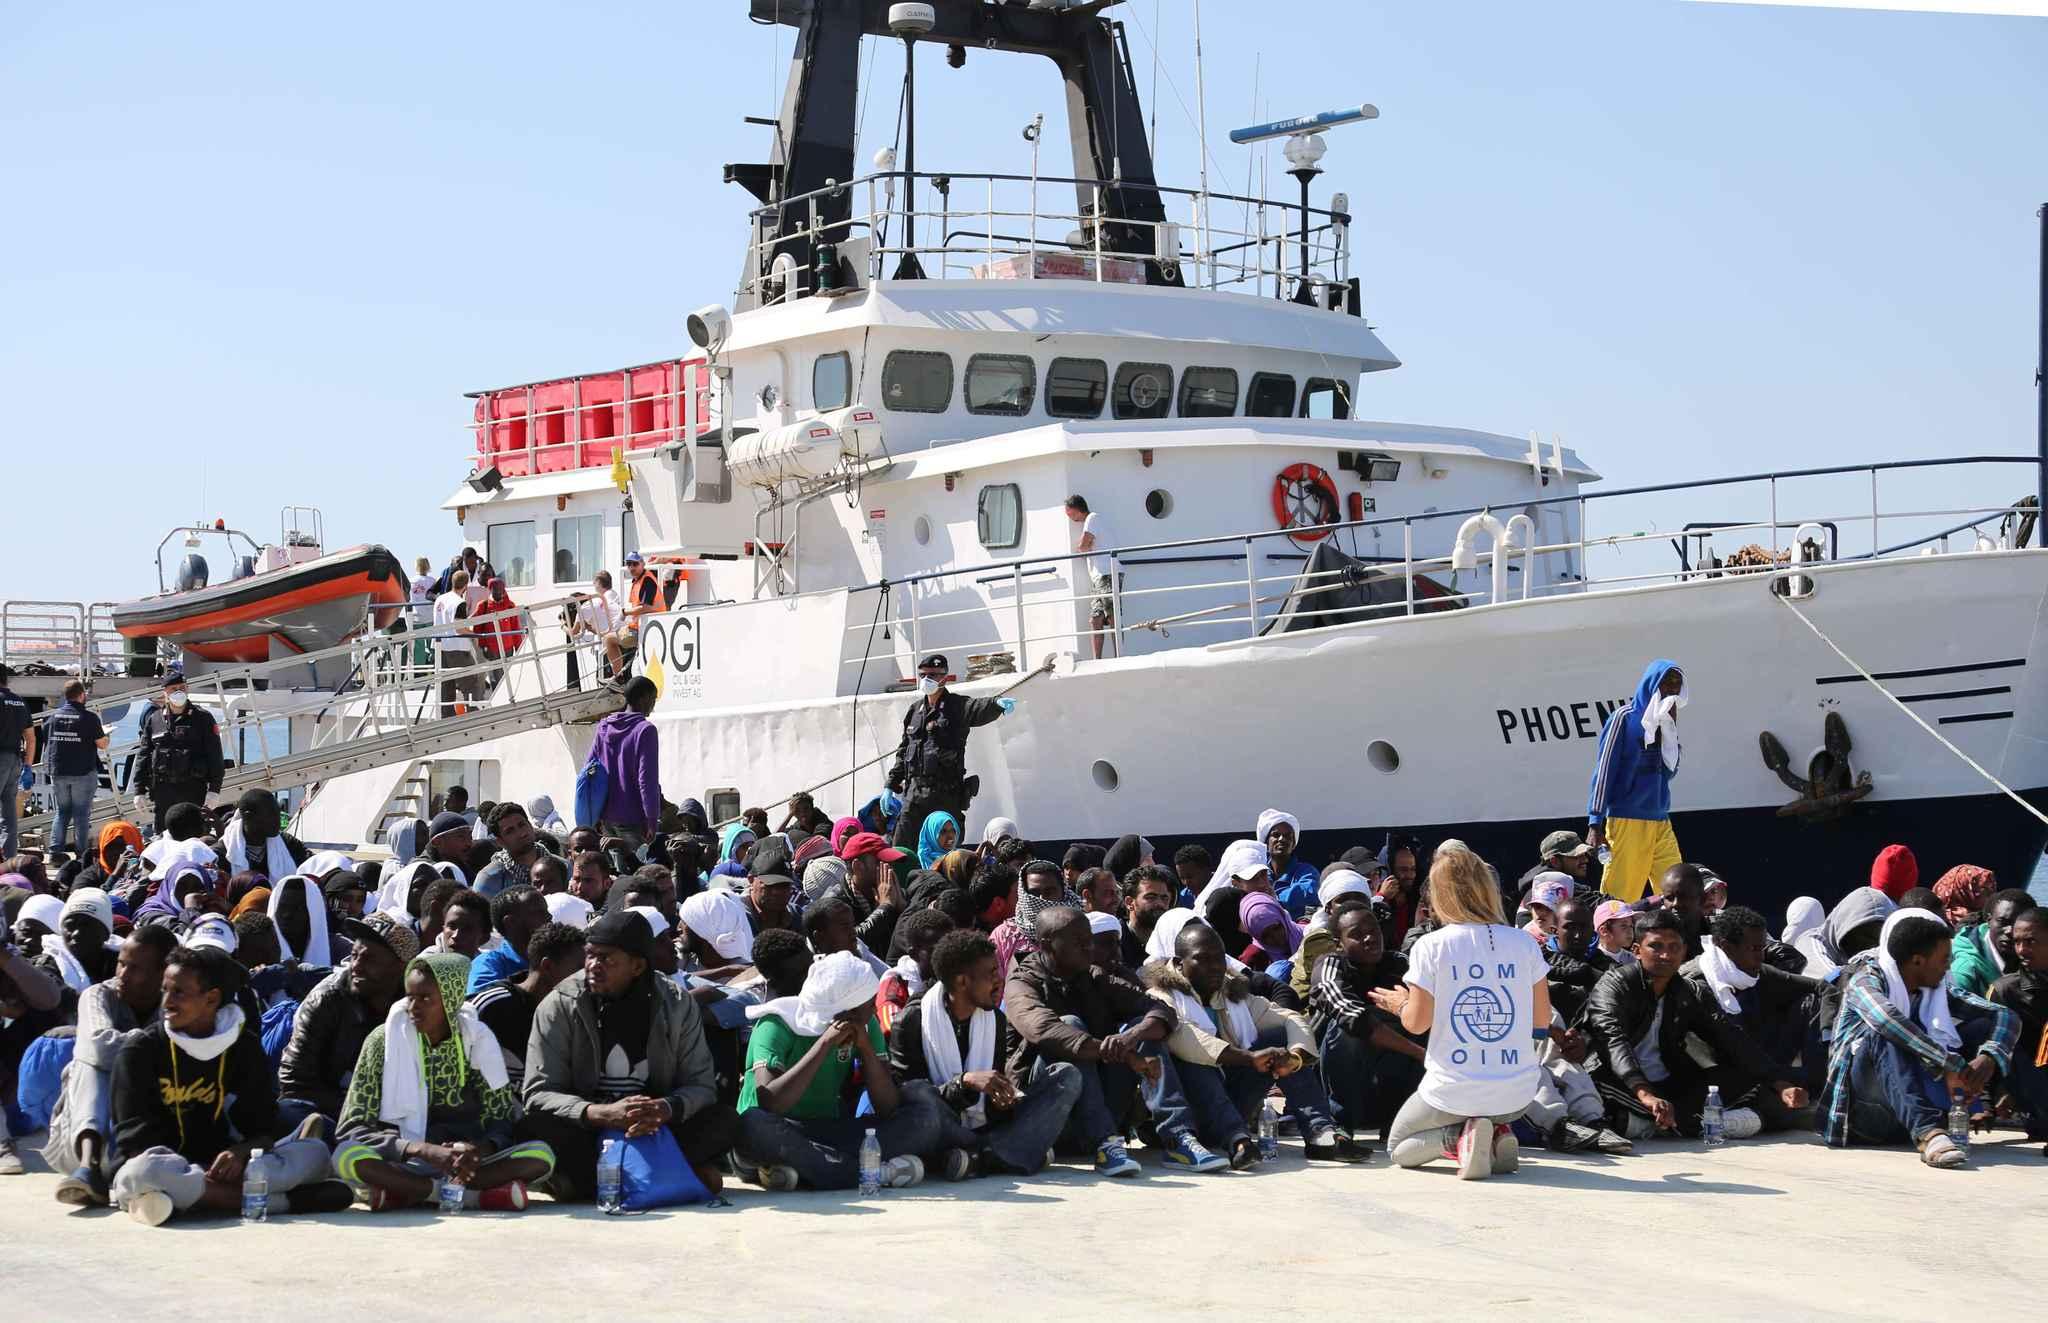 Italie : plus d'implication européenne dans le sauvetage des migrants